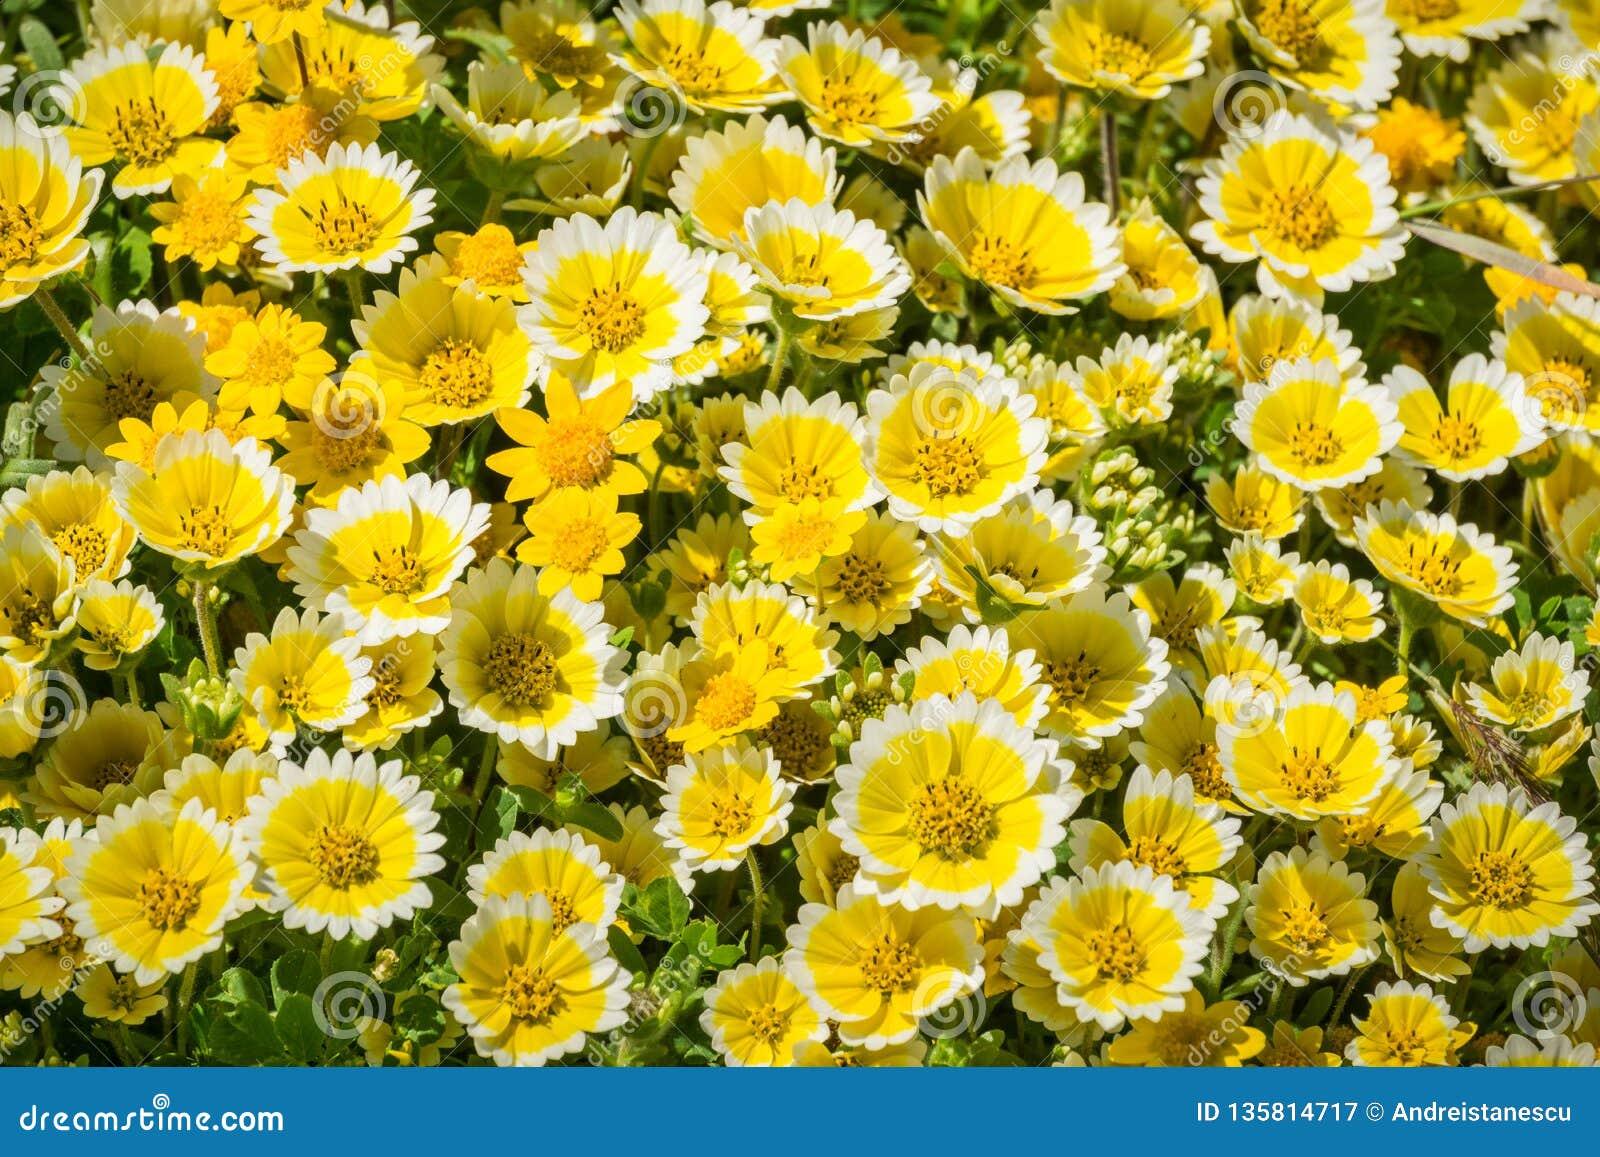 Os wildflowers do platyglossa do Layia chamaram geralmente o tidytips litoral, florescendo na costa do Oceano Pacífico, Mori Poin